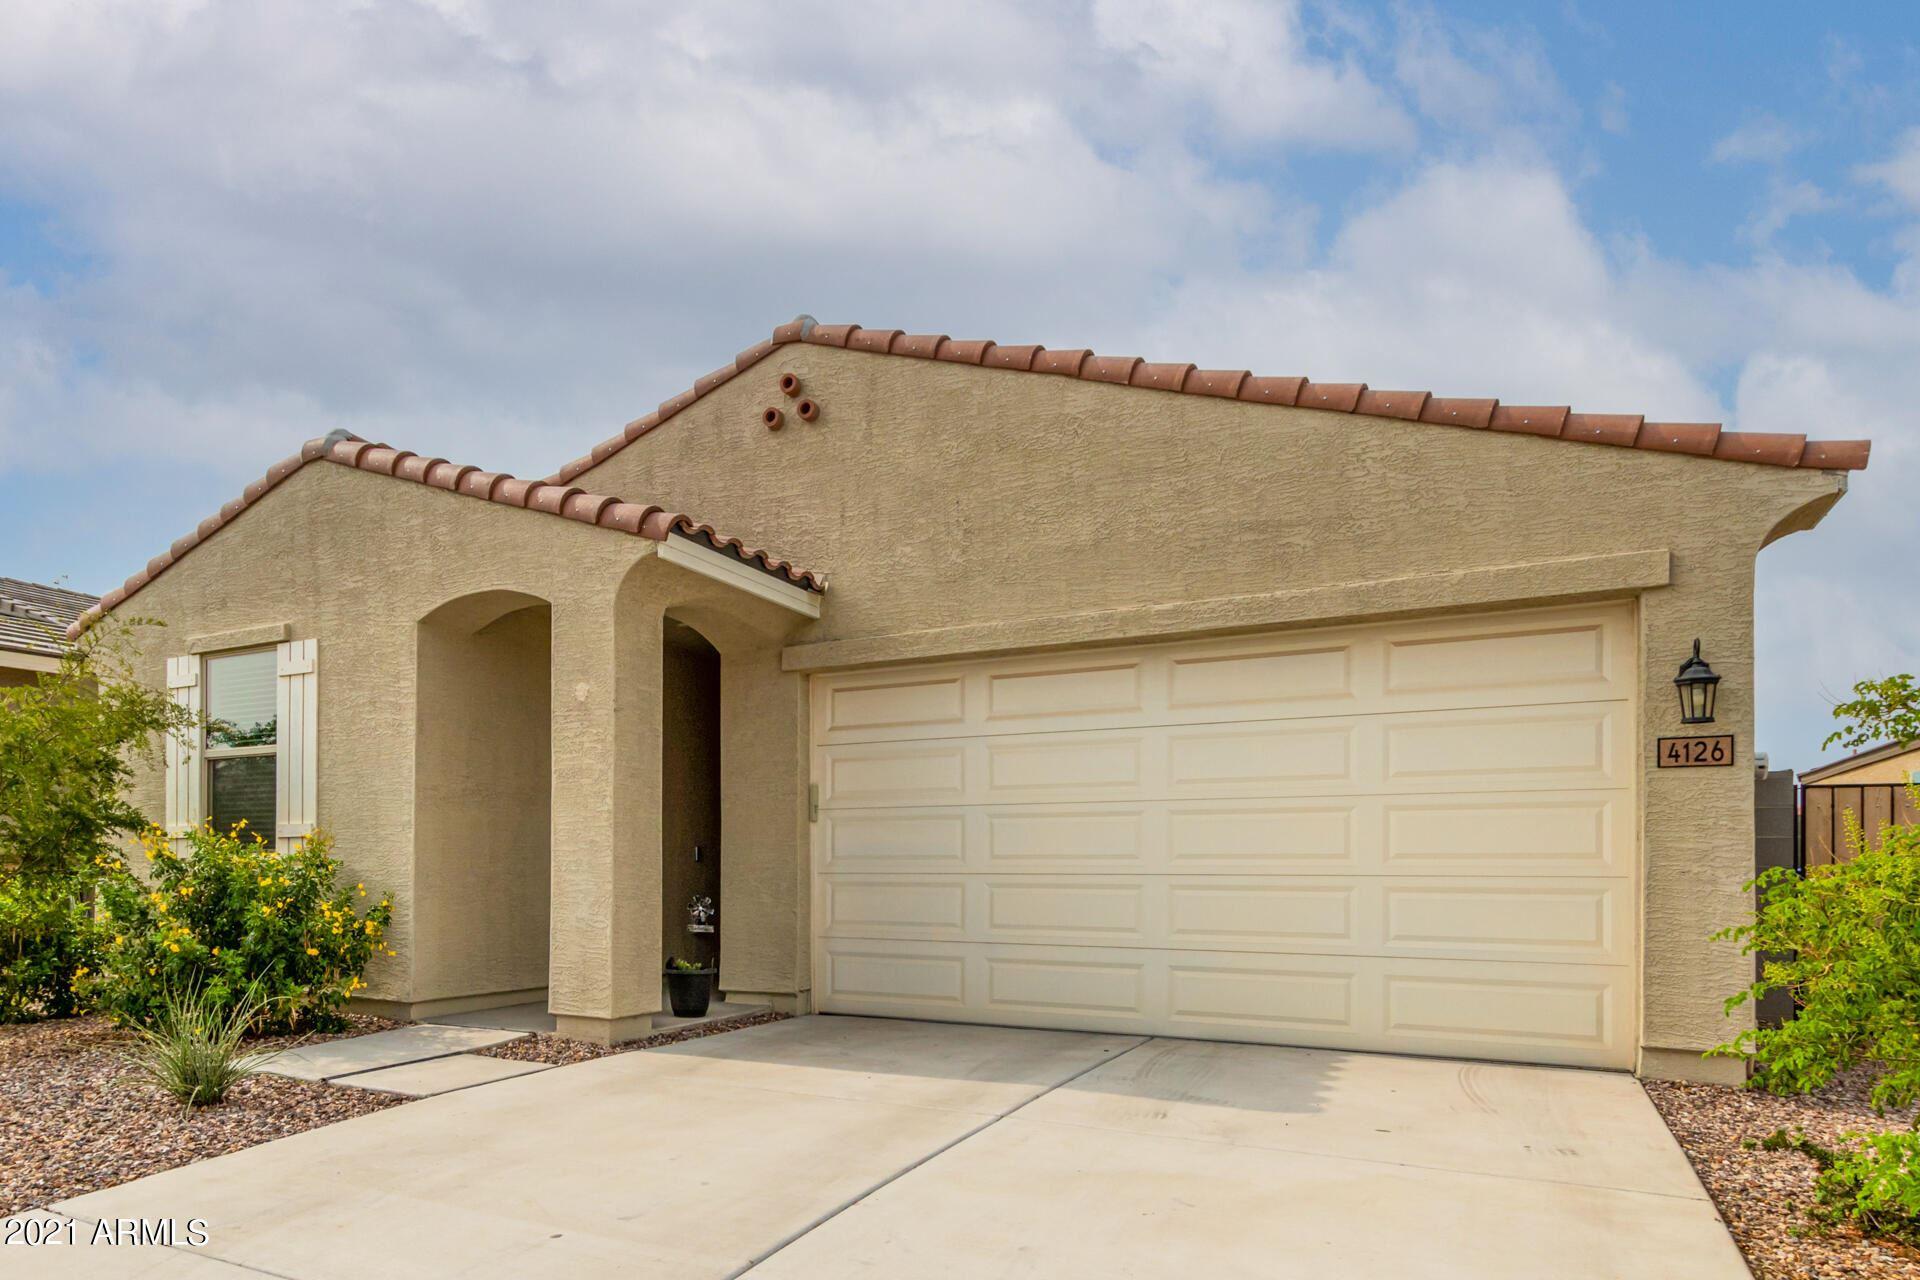 Photo of 4126 W CONEFLOWER Lane, Queen Creek, AZ 85142 (MLS # 6269386)